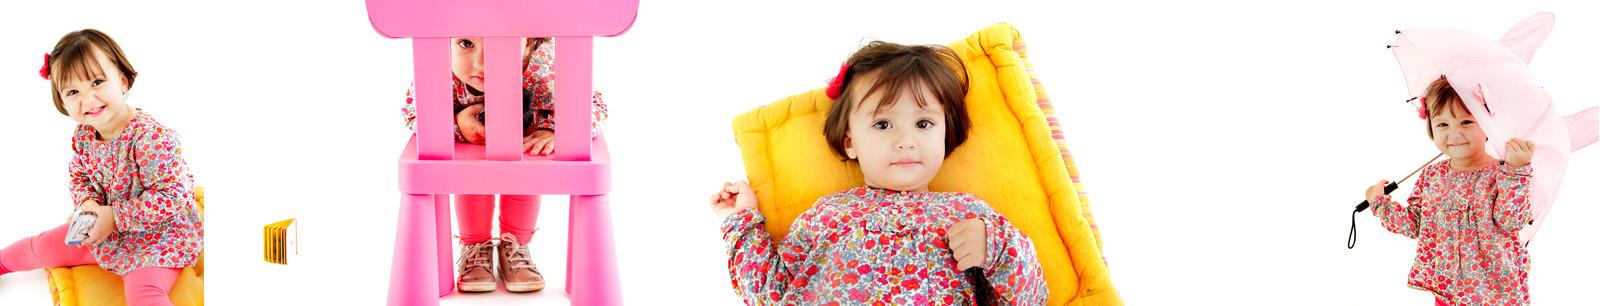 photographe portrait enfant